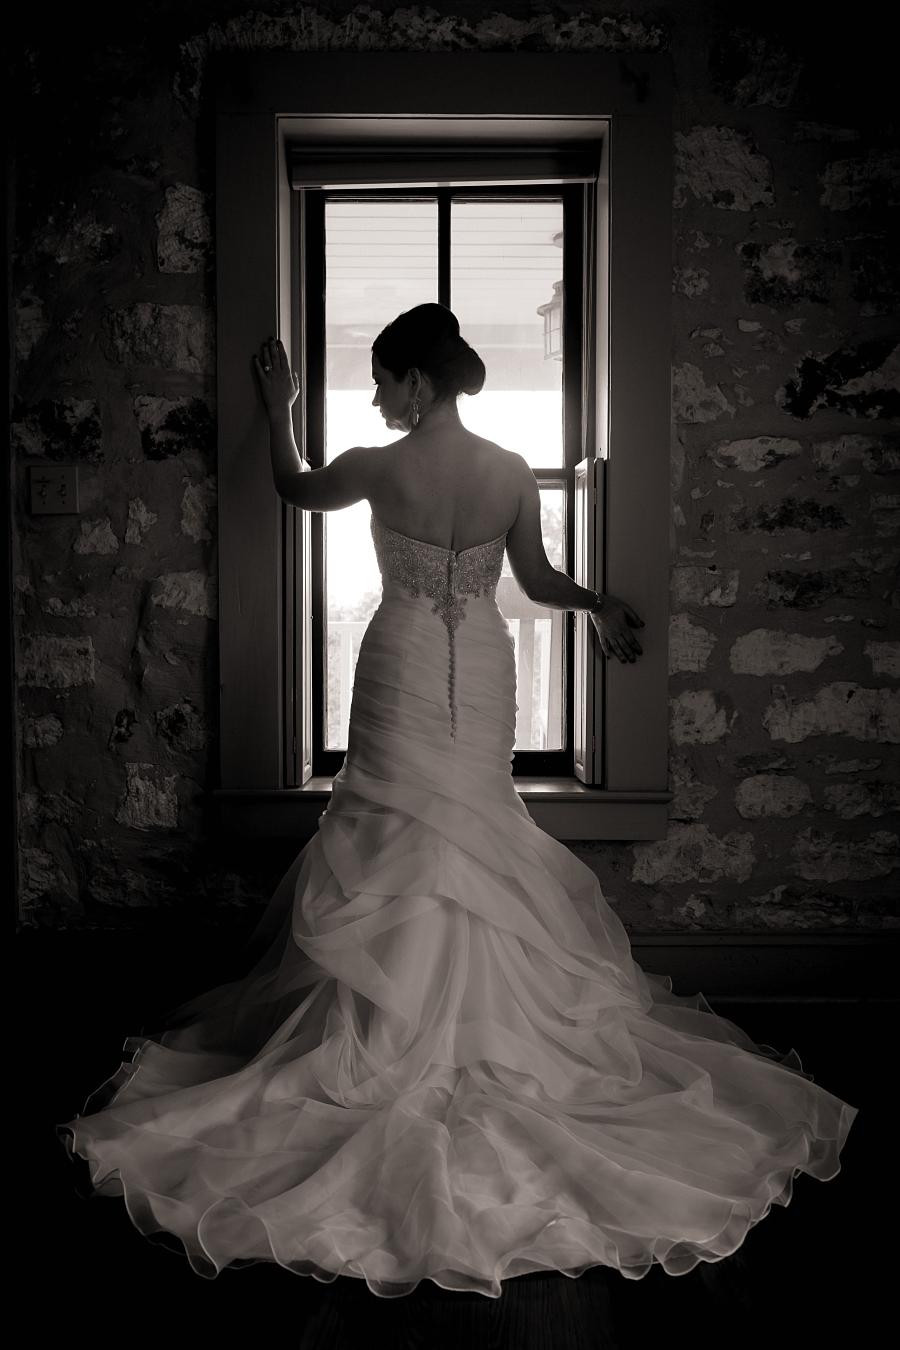 Stacy-Amderson-Photography-Houston-Fredericksberg-Wedding-Photographer_0025.jpg